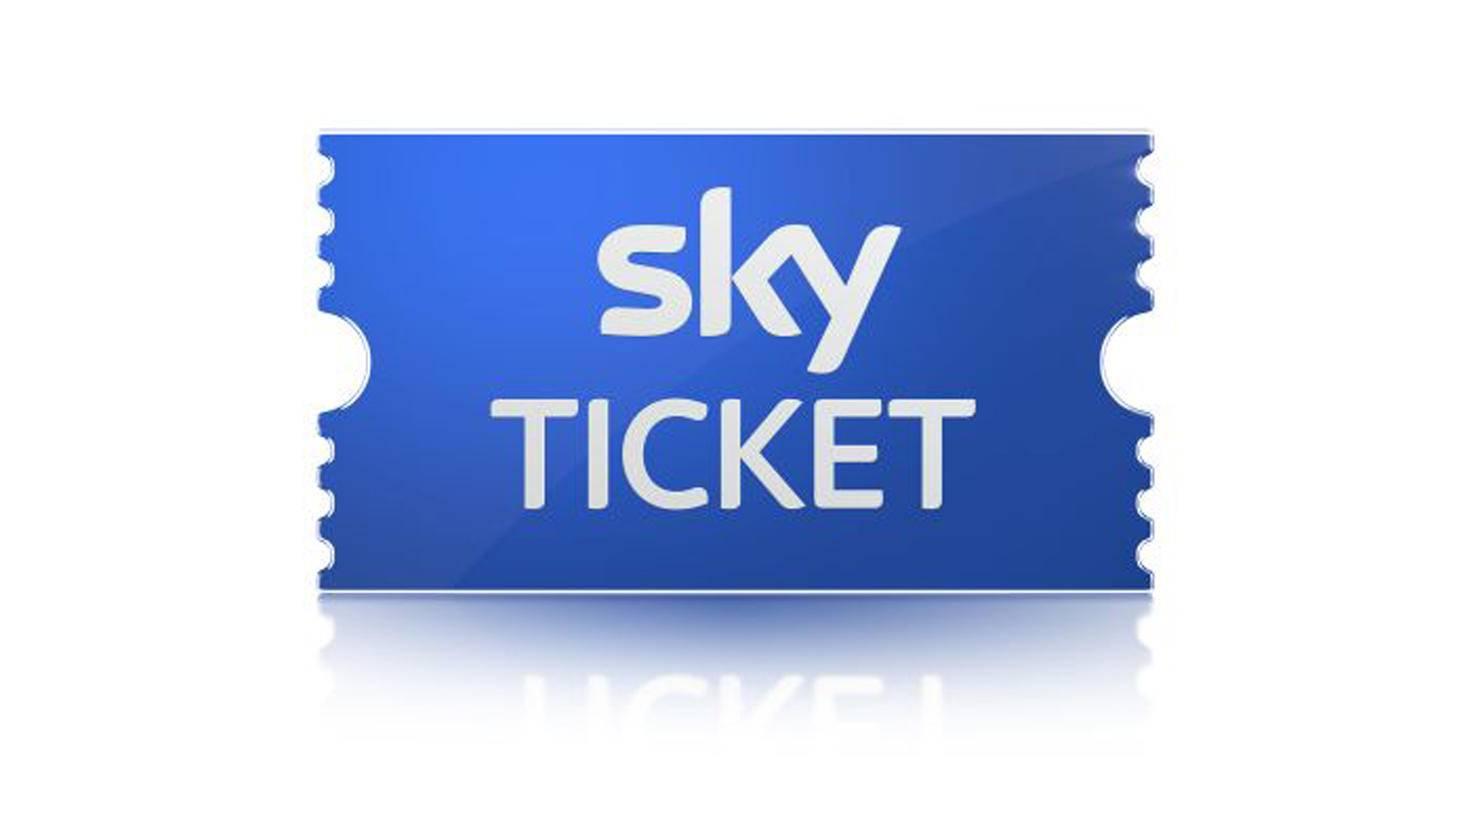 Das blaue Sky Ticket steht für Sport, Lila für Serien und Pink für Cinema.